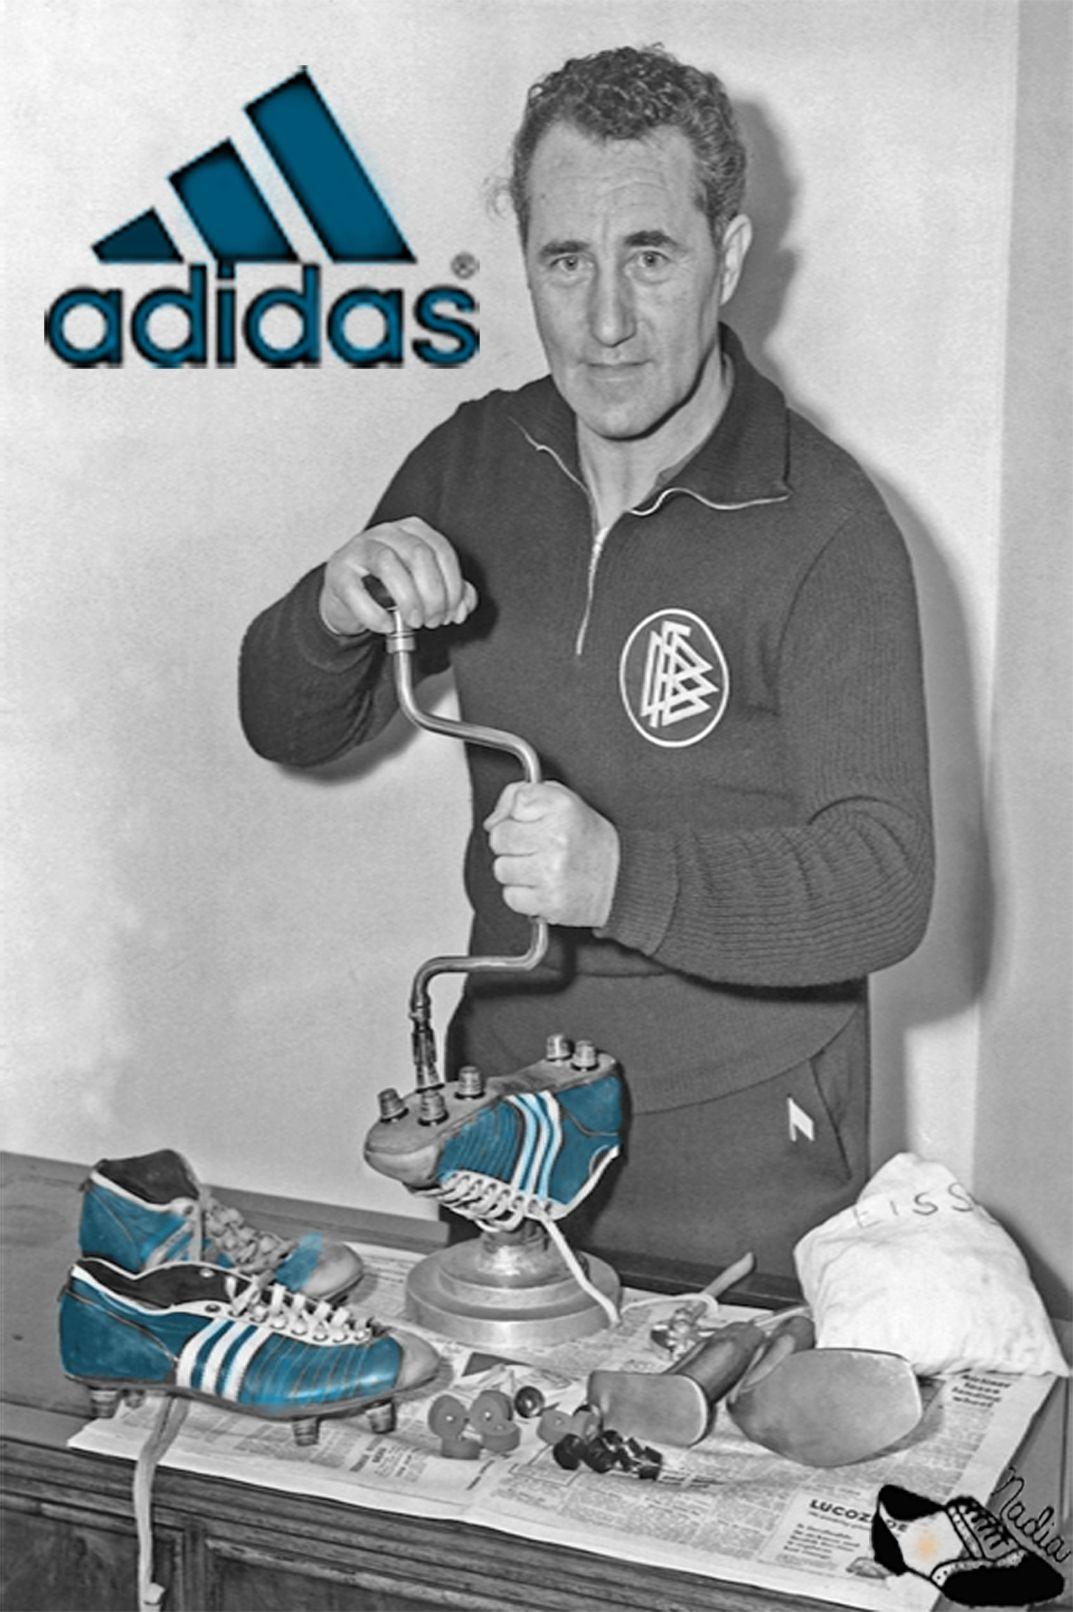 Adidas paper adolf adi dassler is